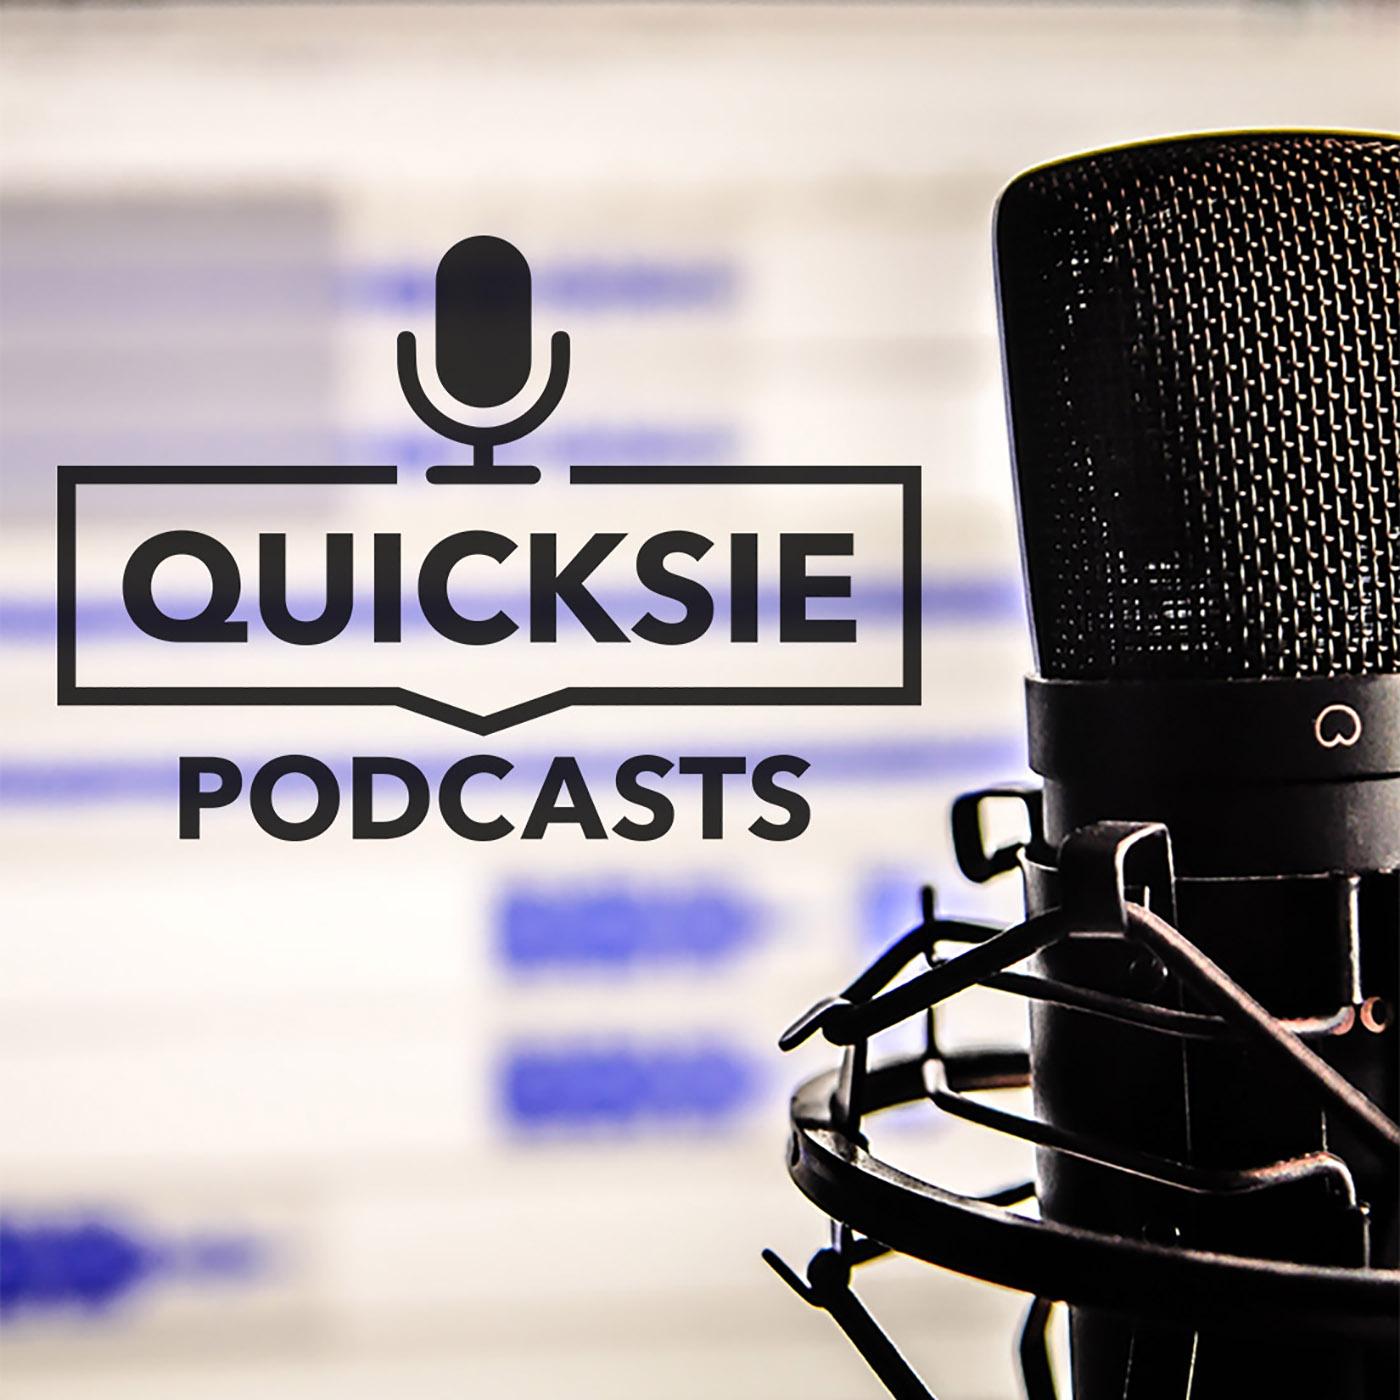 Quicksie Podcasts